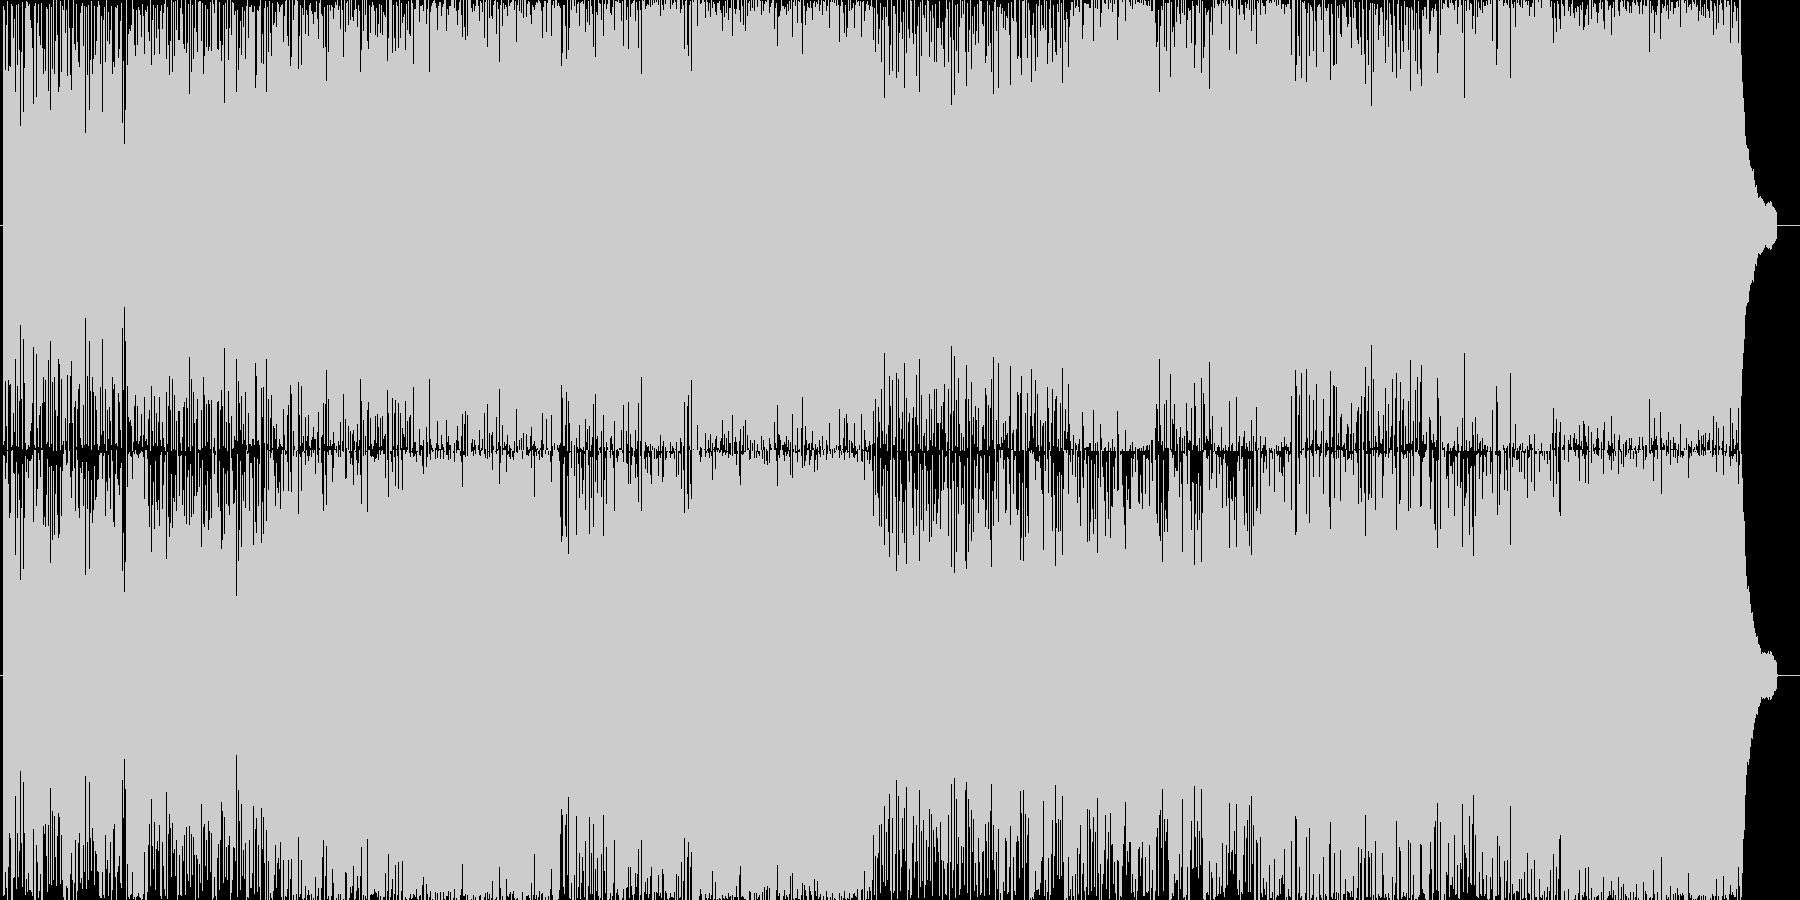 和風スラップベースフュージョンの未再生の波形